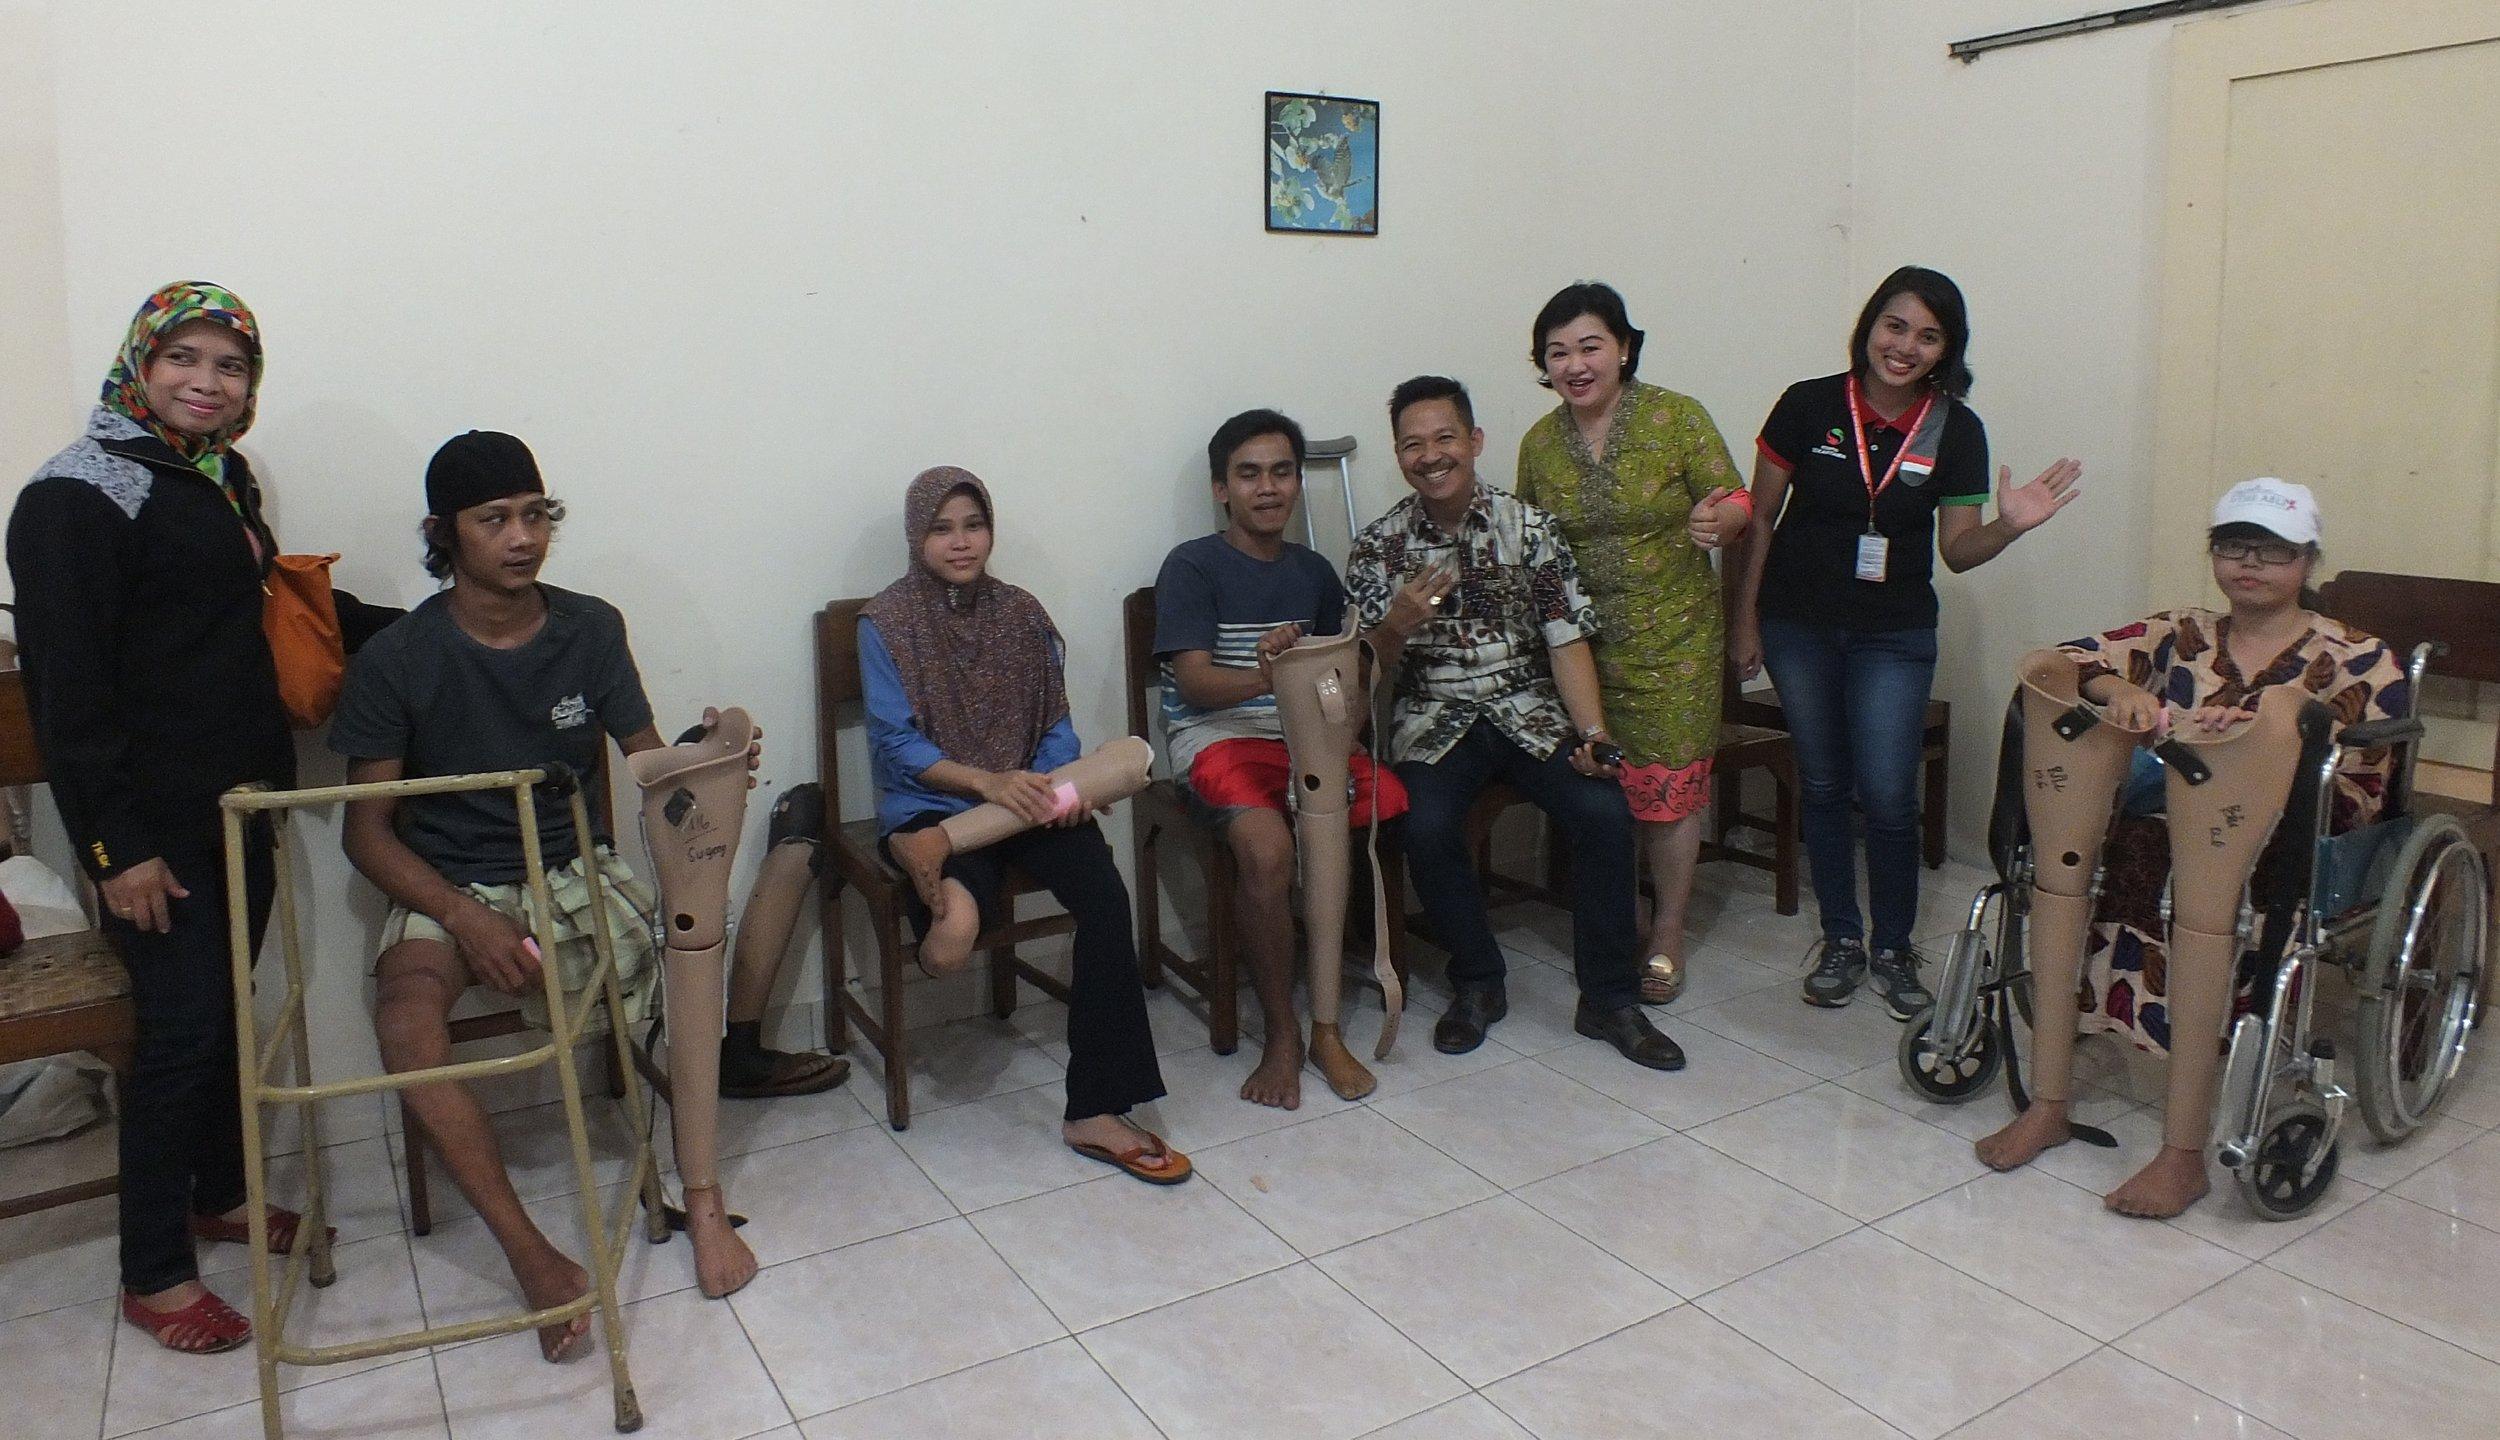 Bapak Kristian bersama Ibu Farida, disela-sela kesibukannya, beliau setia mendampingi peserta penerima pemasangan kaki palsu di Jogjakarta (19/10/2016)